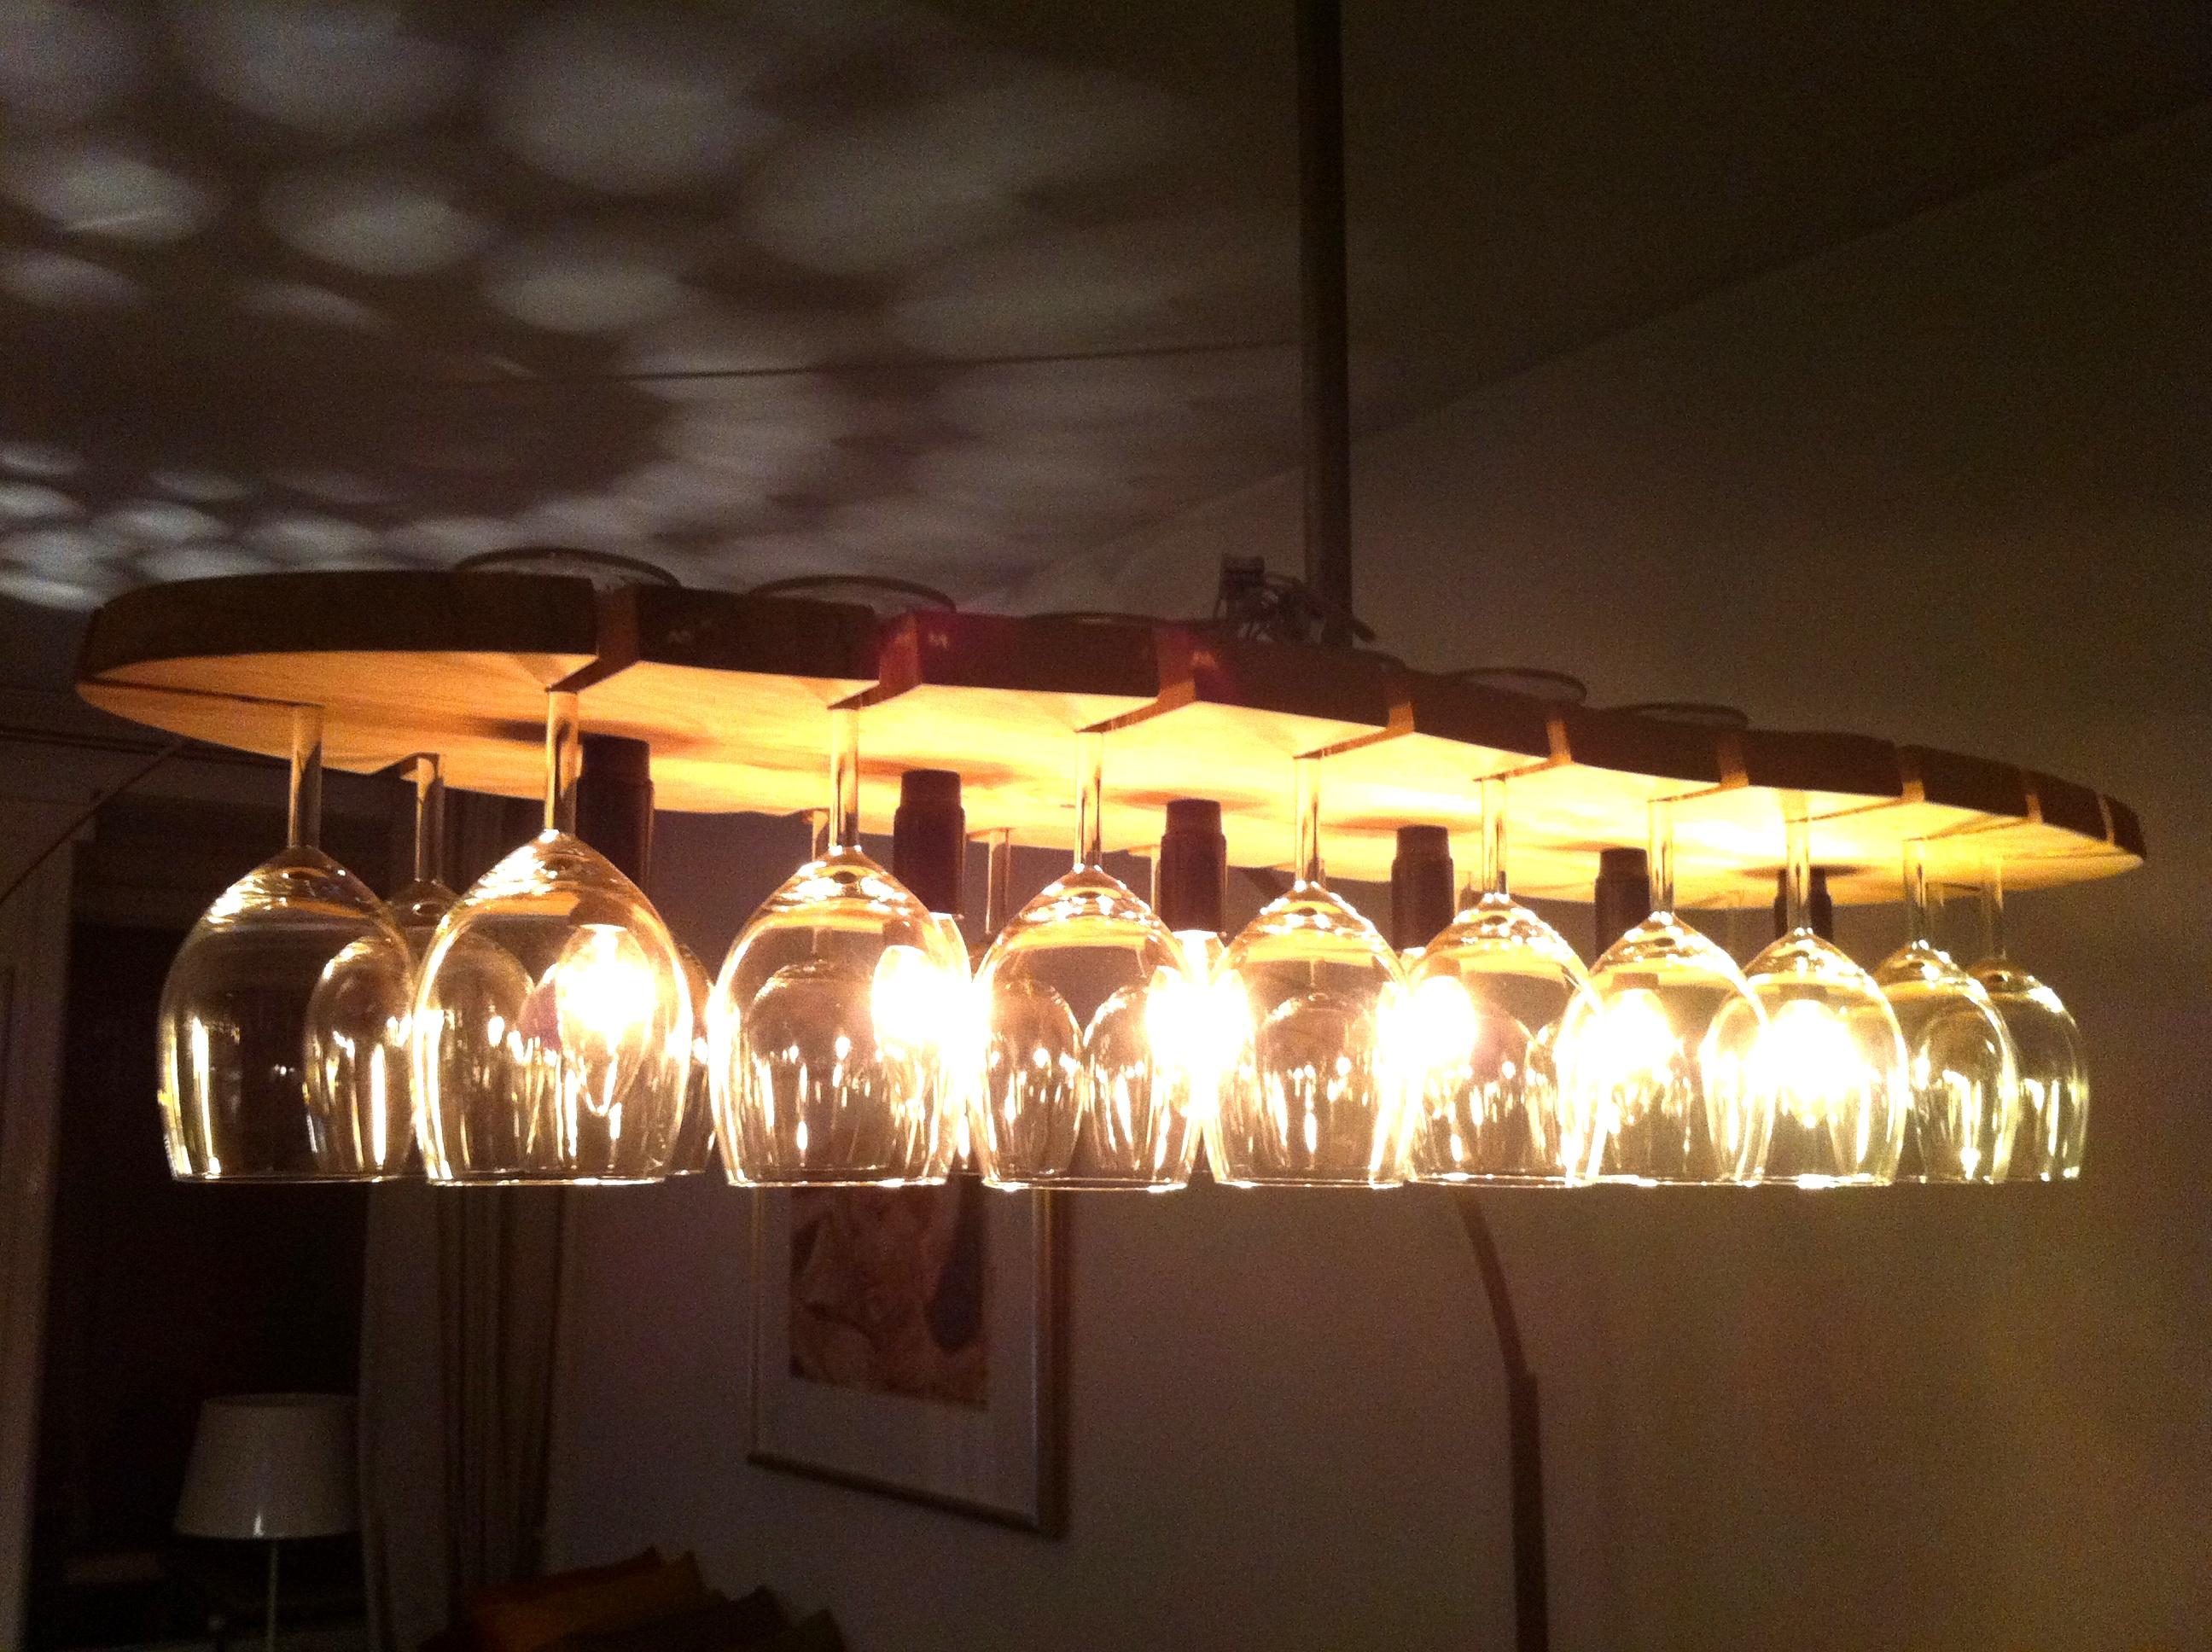 Uitzonderlijk Zelf Lamp Maken Van Hout. Simple Awesome Great Diy Grappige @PI27